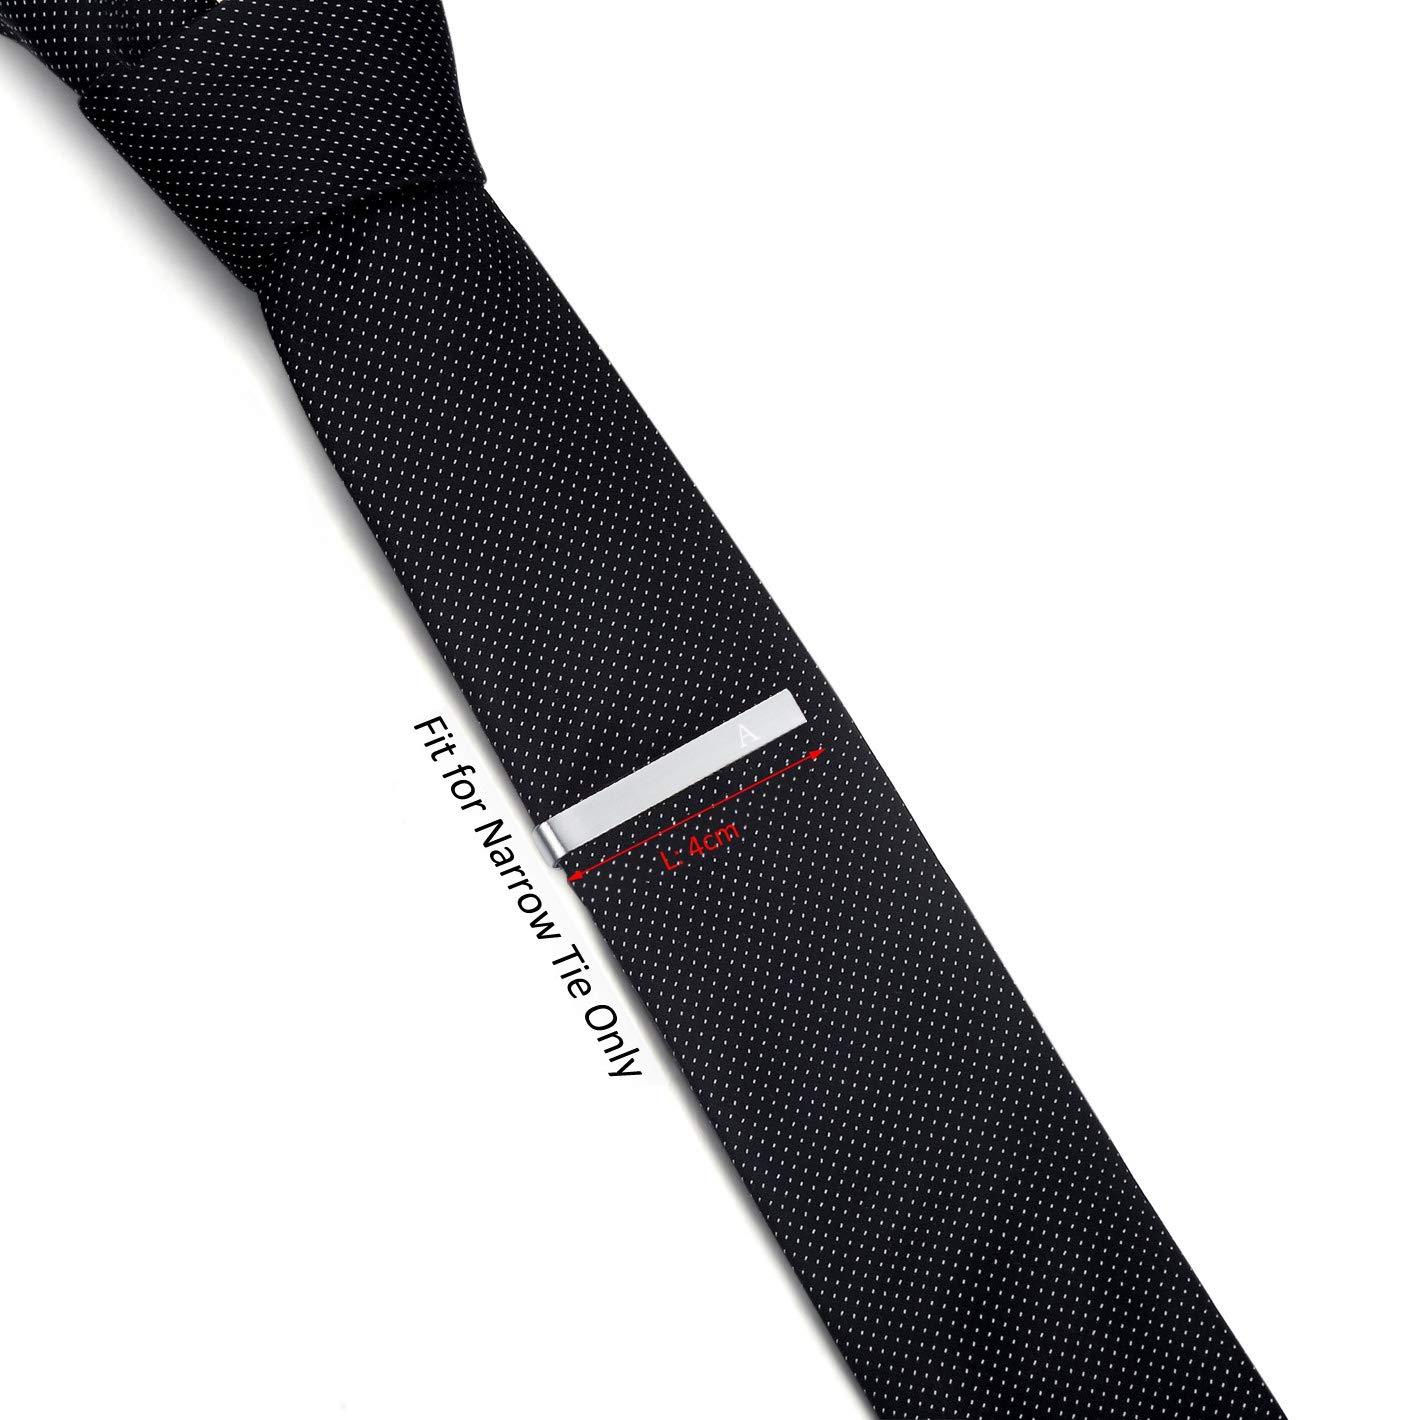 HONEY BEAR Skinny Clip Pasador de Corbata Acero Inoxidable,Boda Negocio Regalo,4cm,Cepillado Plata Carta Inicial Alfabeto para Hombre//Chicos Necktie